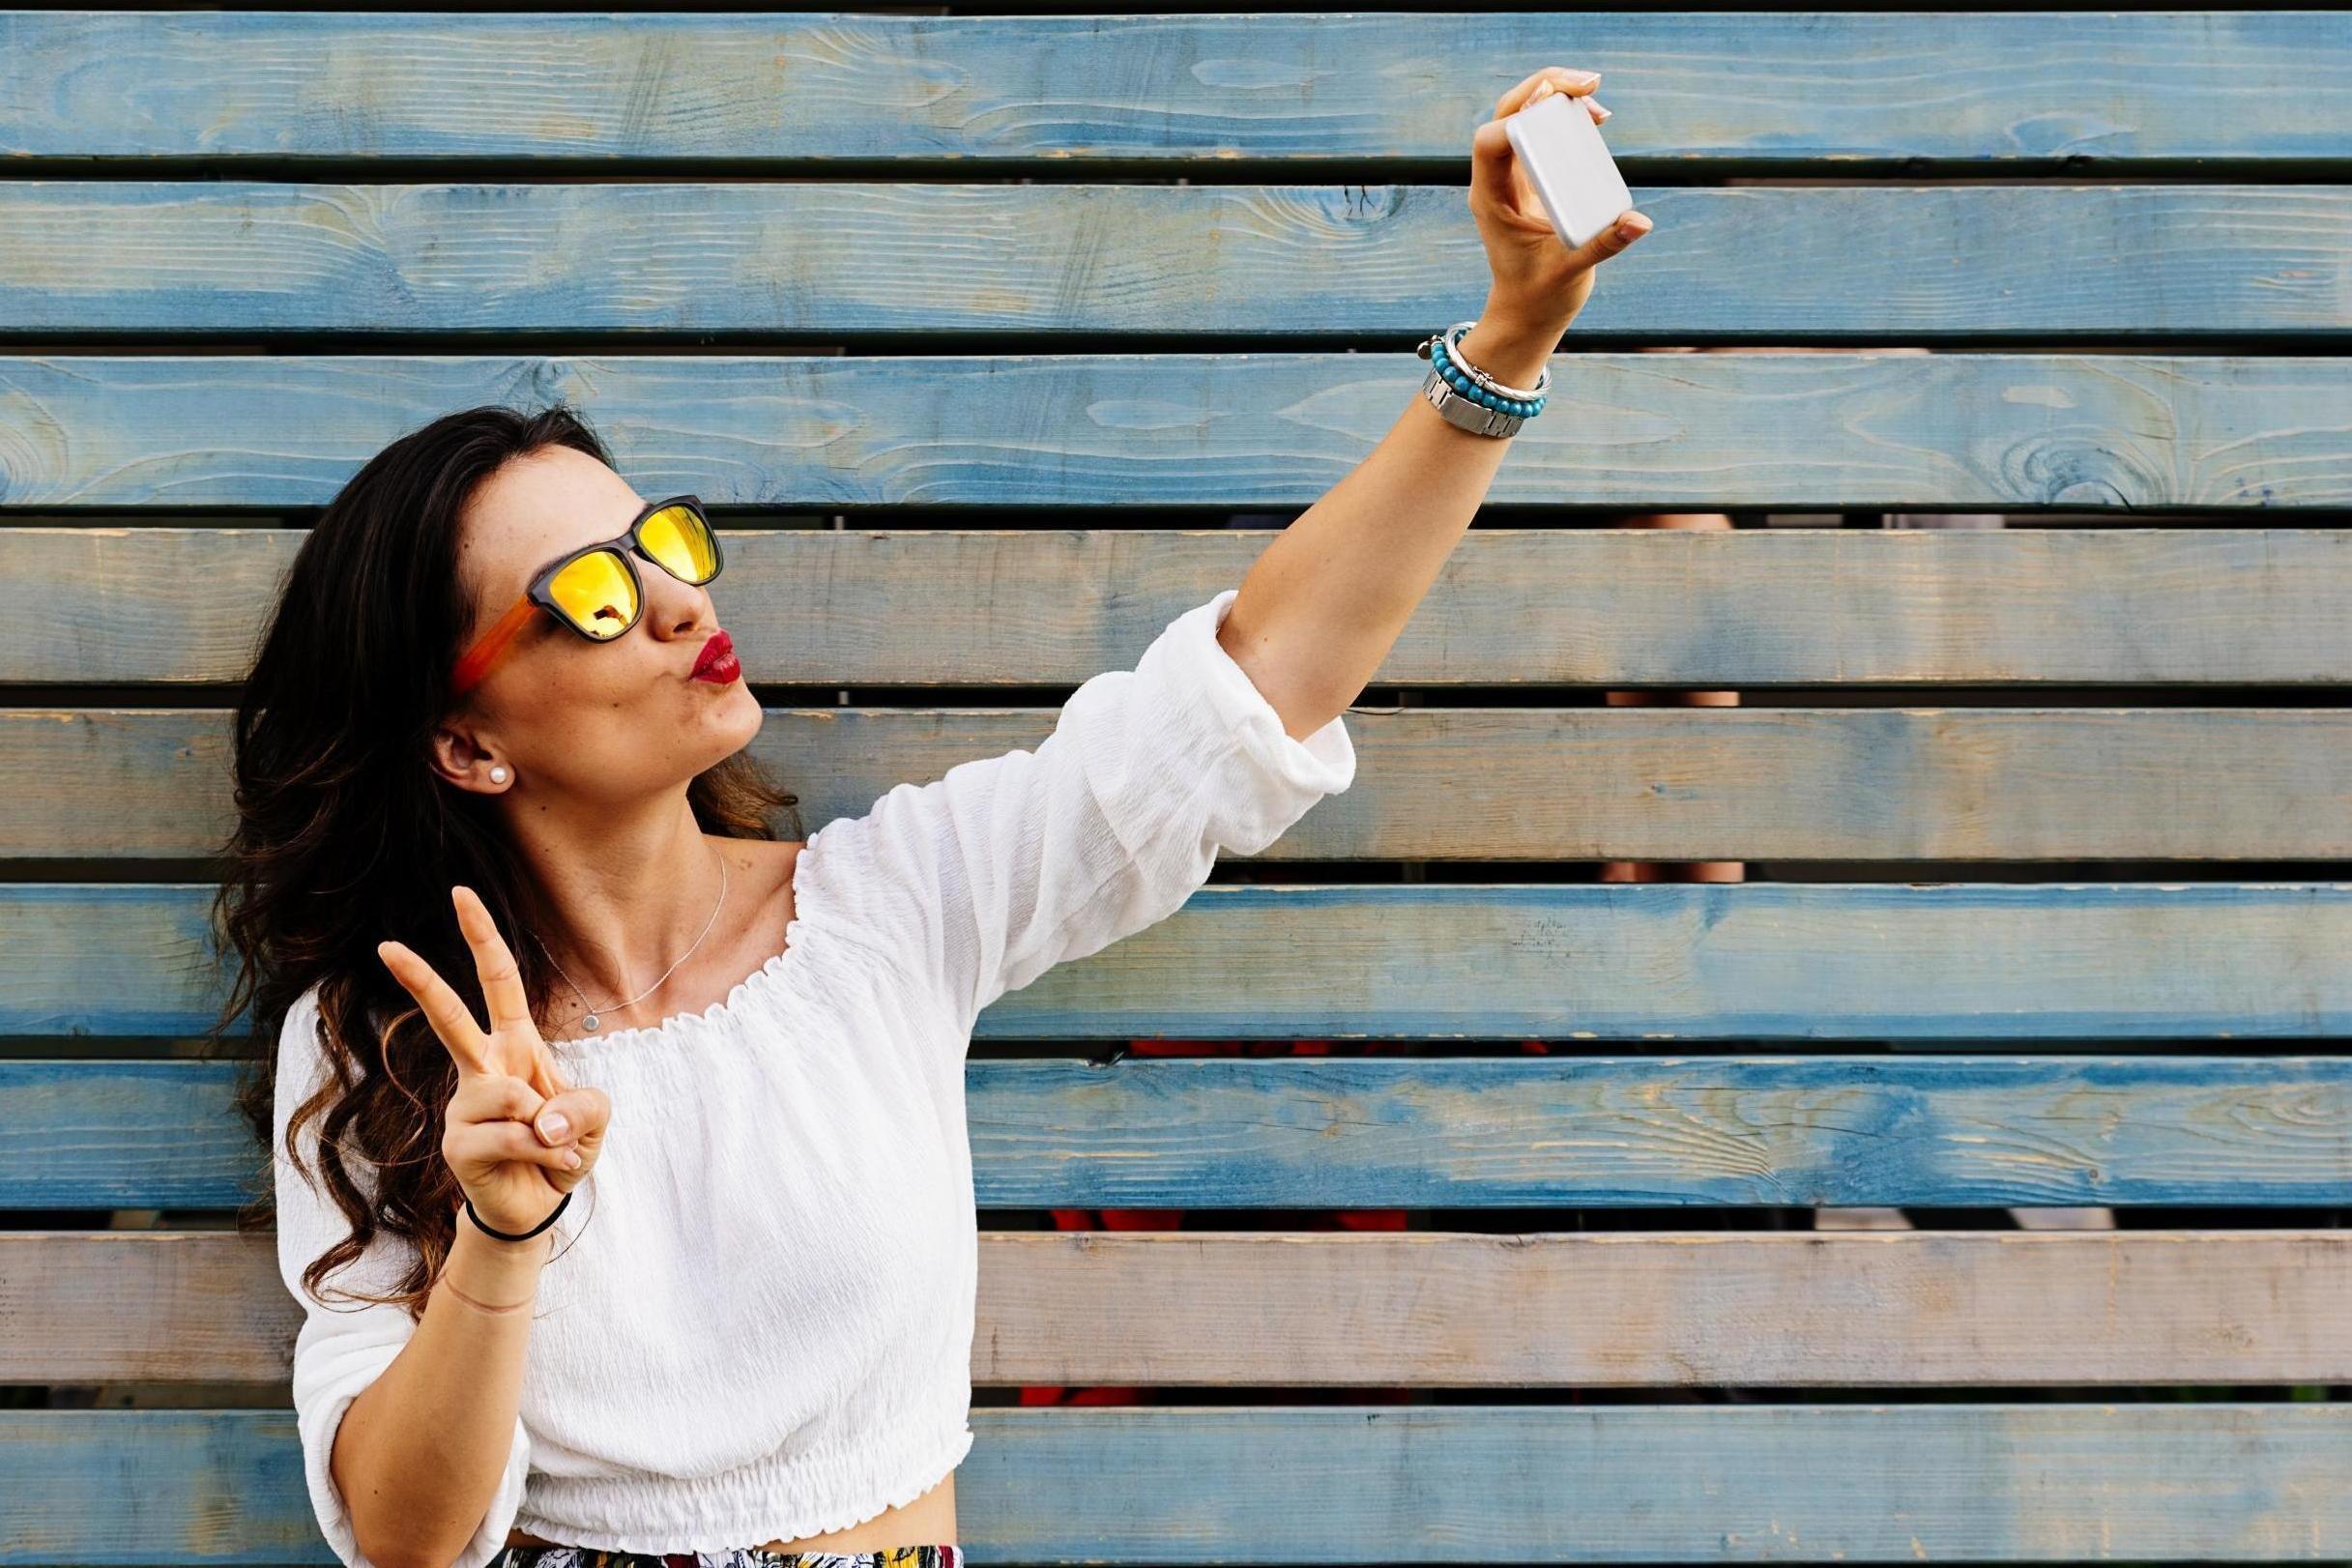 VSCO girls: What is the new trend taking over social media